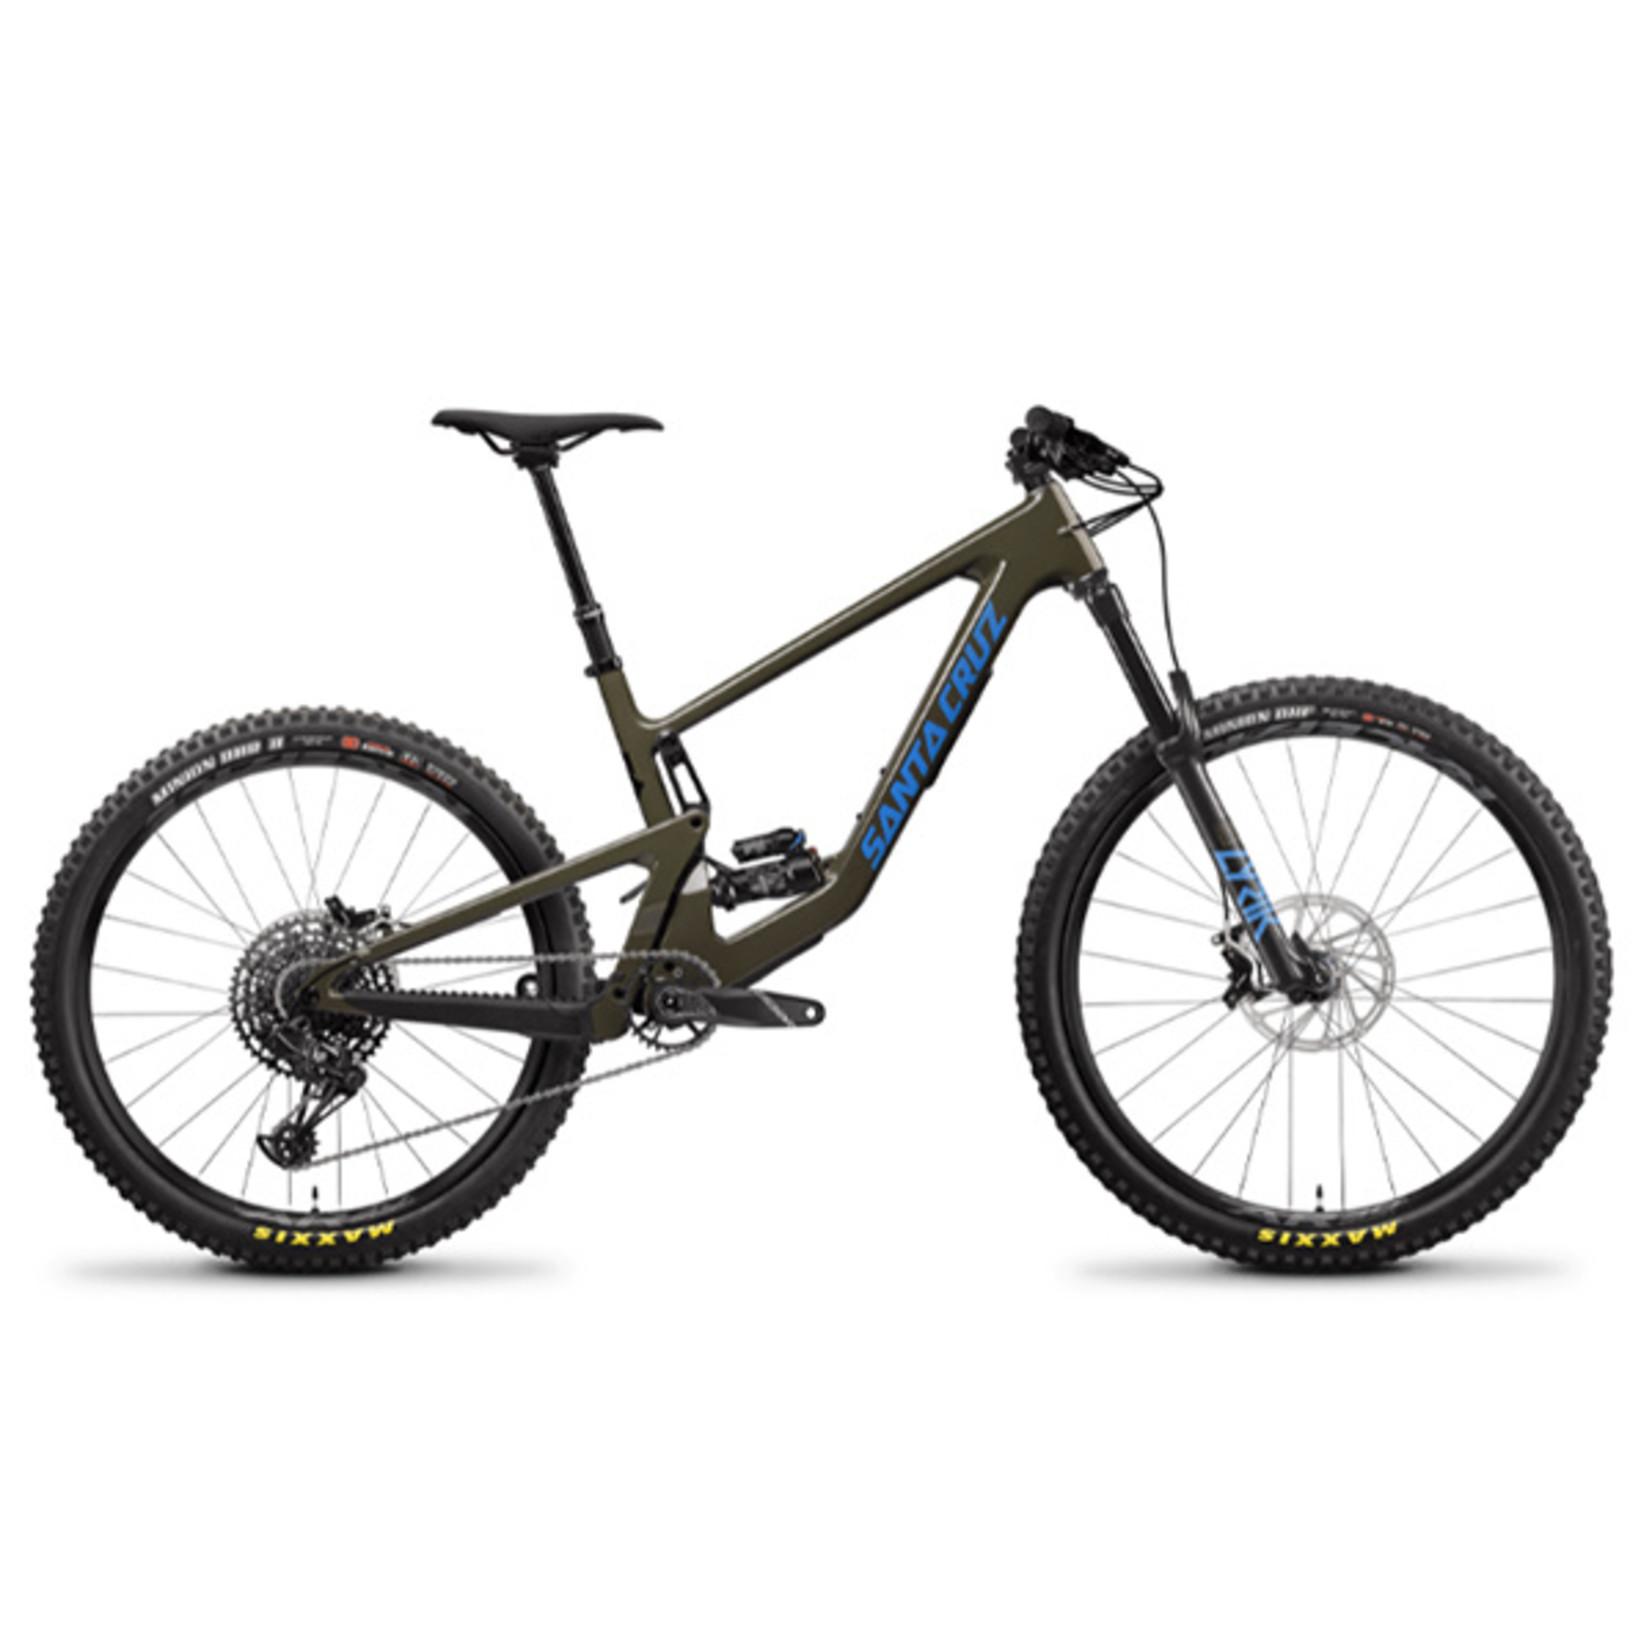 Santa Cruz Bicycles 2022 Bronson 4 C MX R Kit